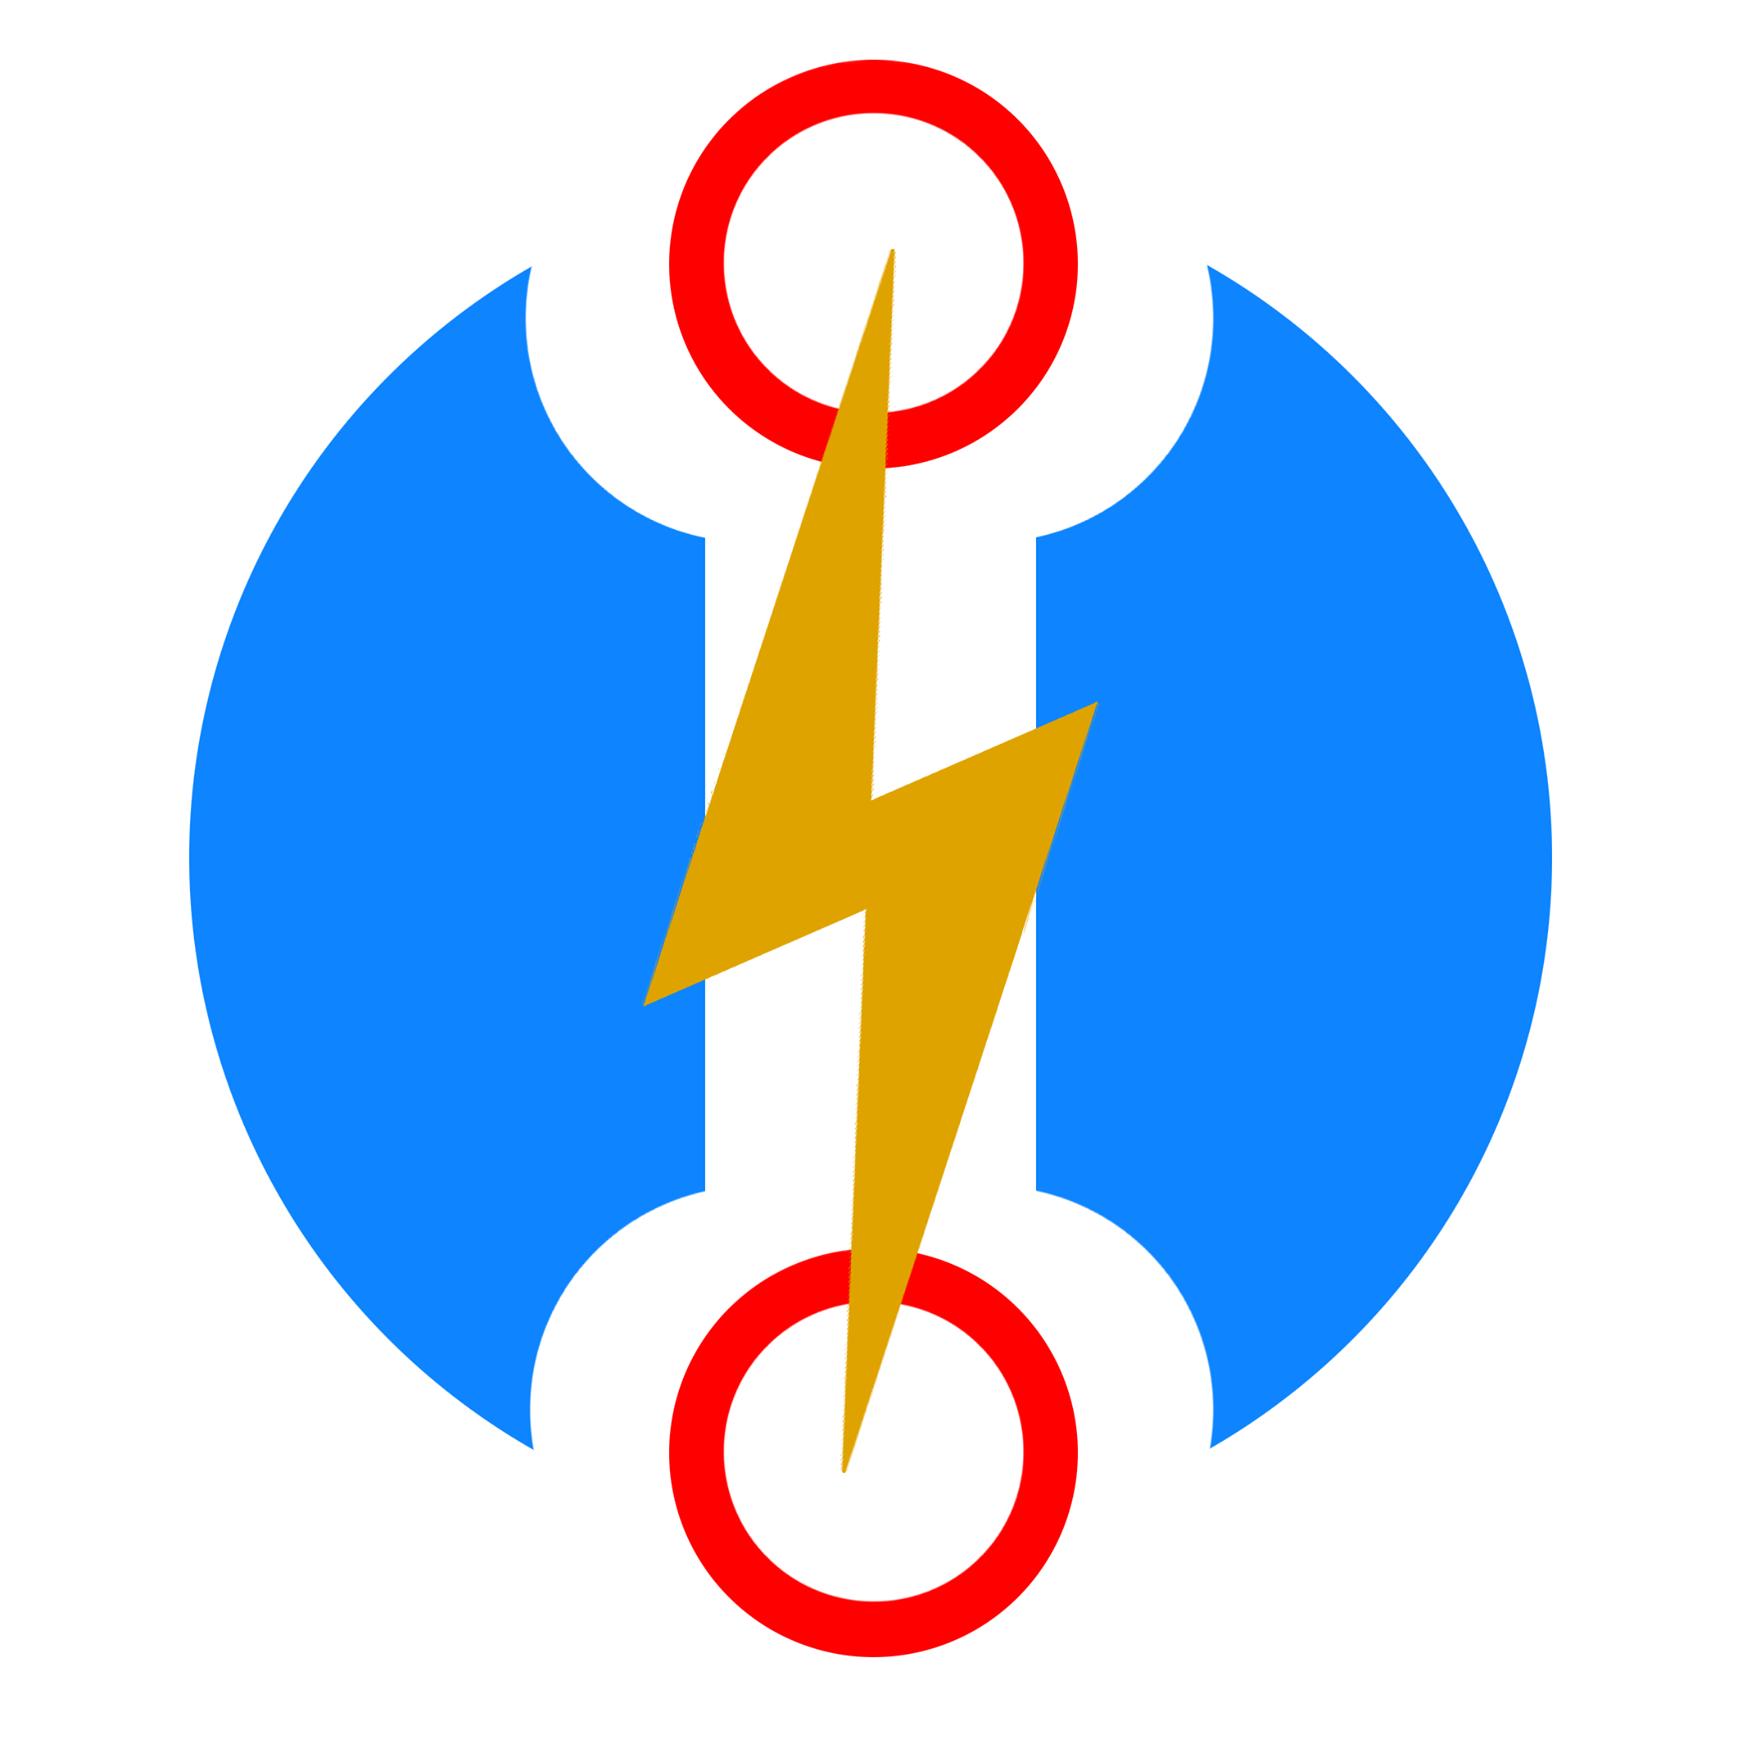 Ijascode